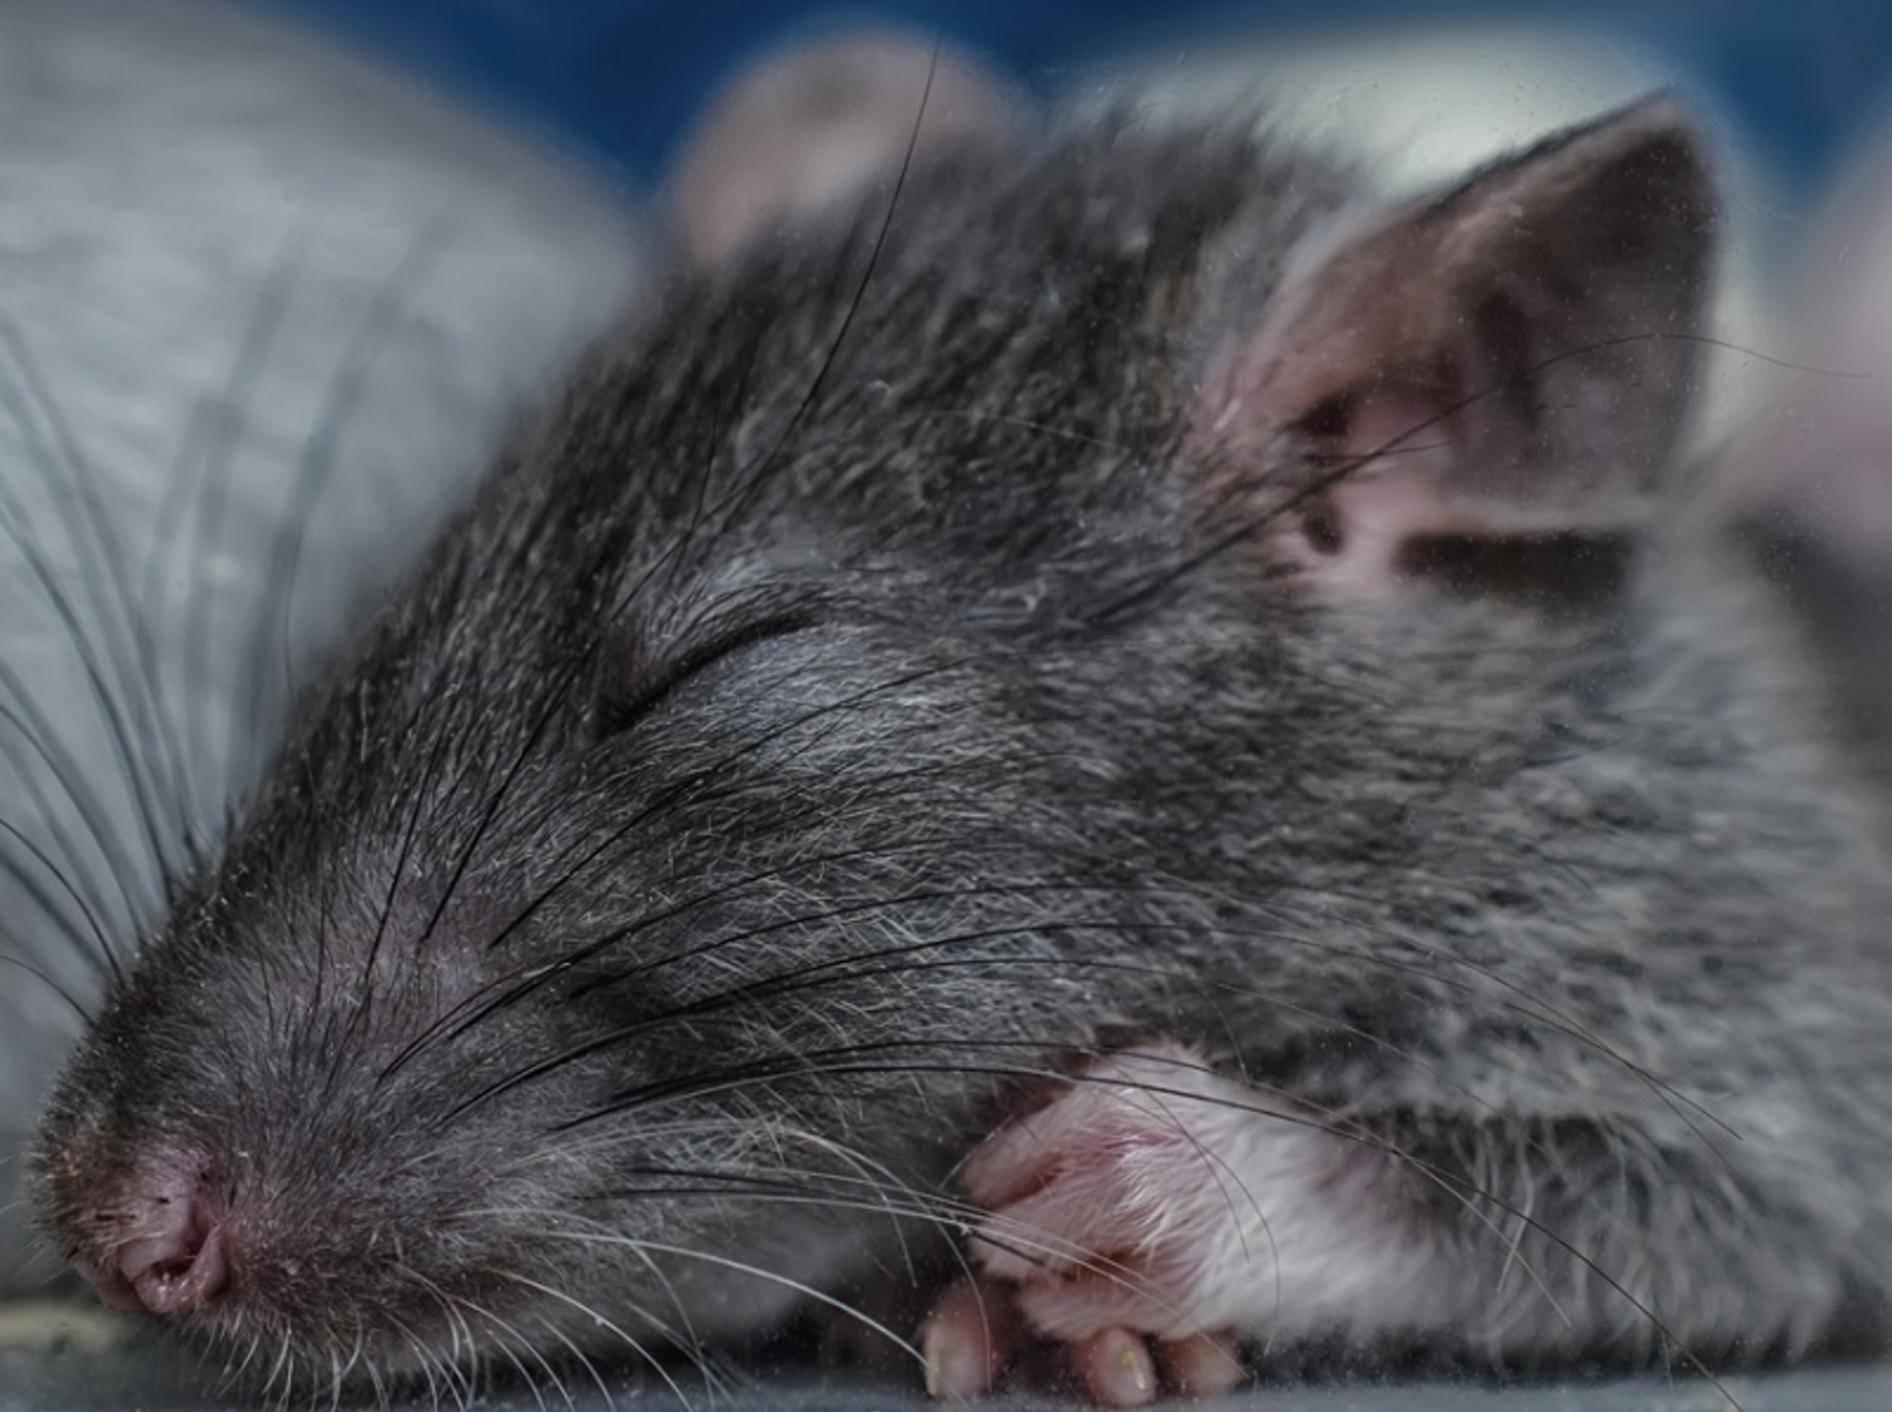 Der süße Fratz erholt sich von seiner Operation und schläft sich kräftig aus! – Shutterstock / Preobrajenskiy